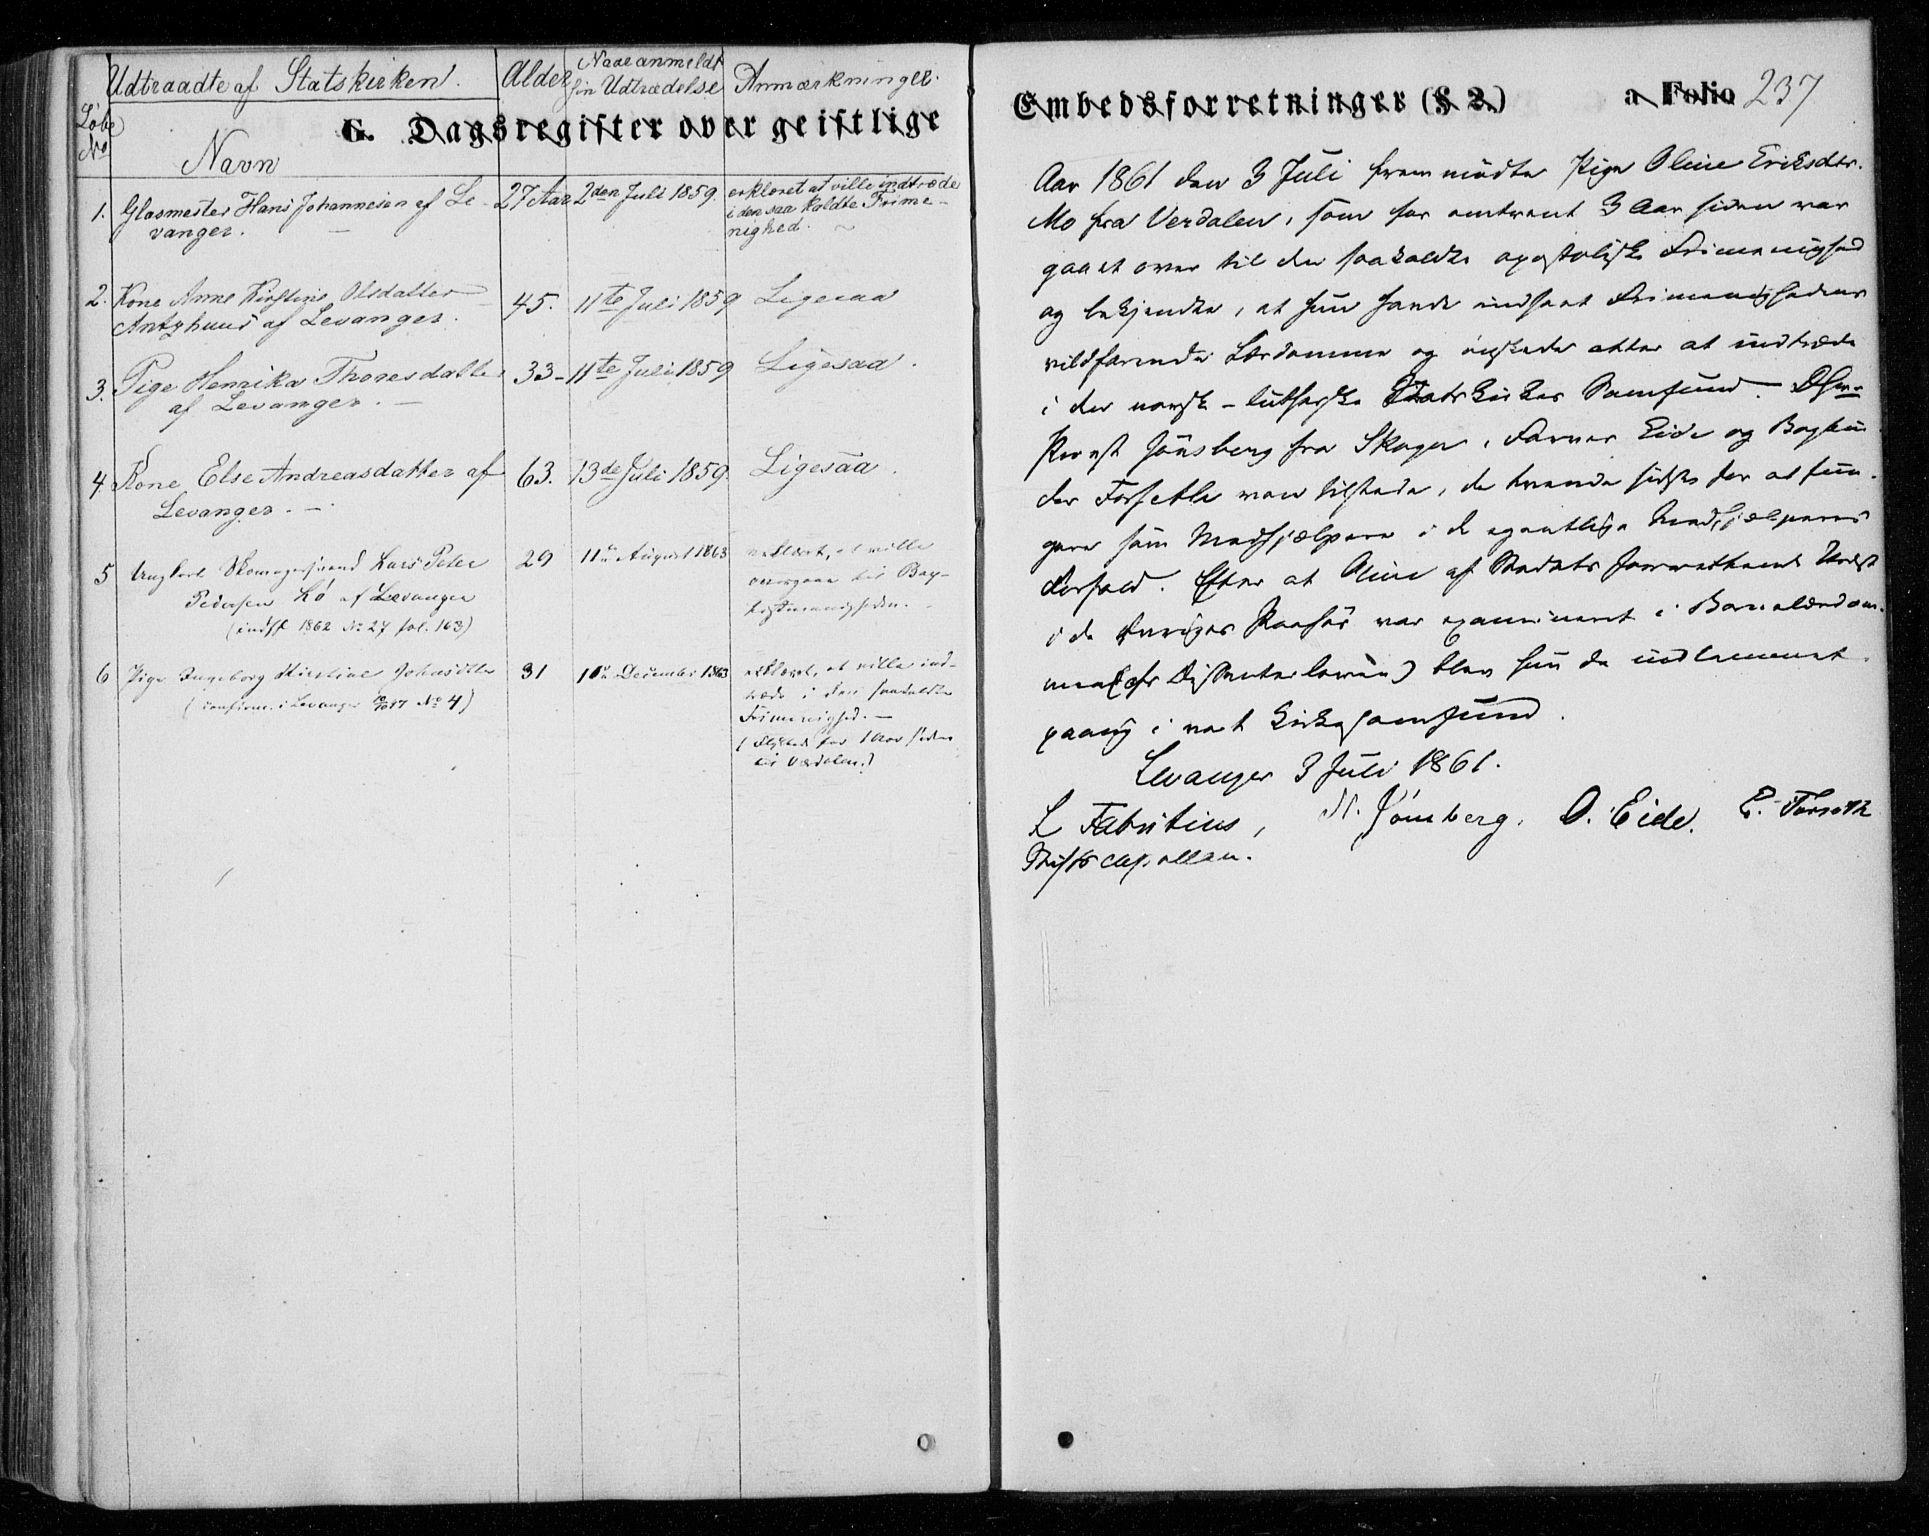 SAT, Ministerialprotokoller, klokkerbøker og fødselsregistre - Nord-Trøndelag, 720/L0184: Ministerialbok nr. 720A02 /1, 1855-1863, s. 237